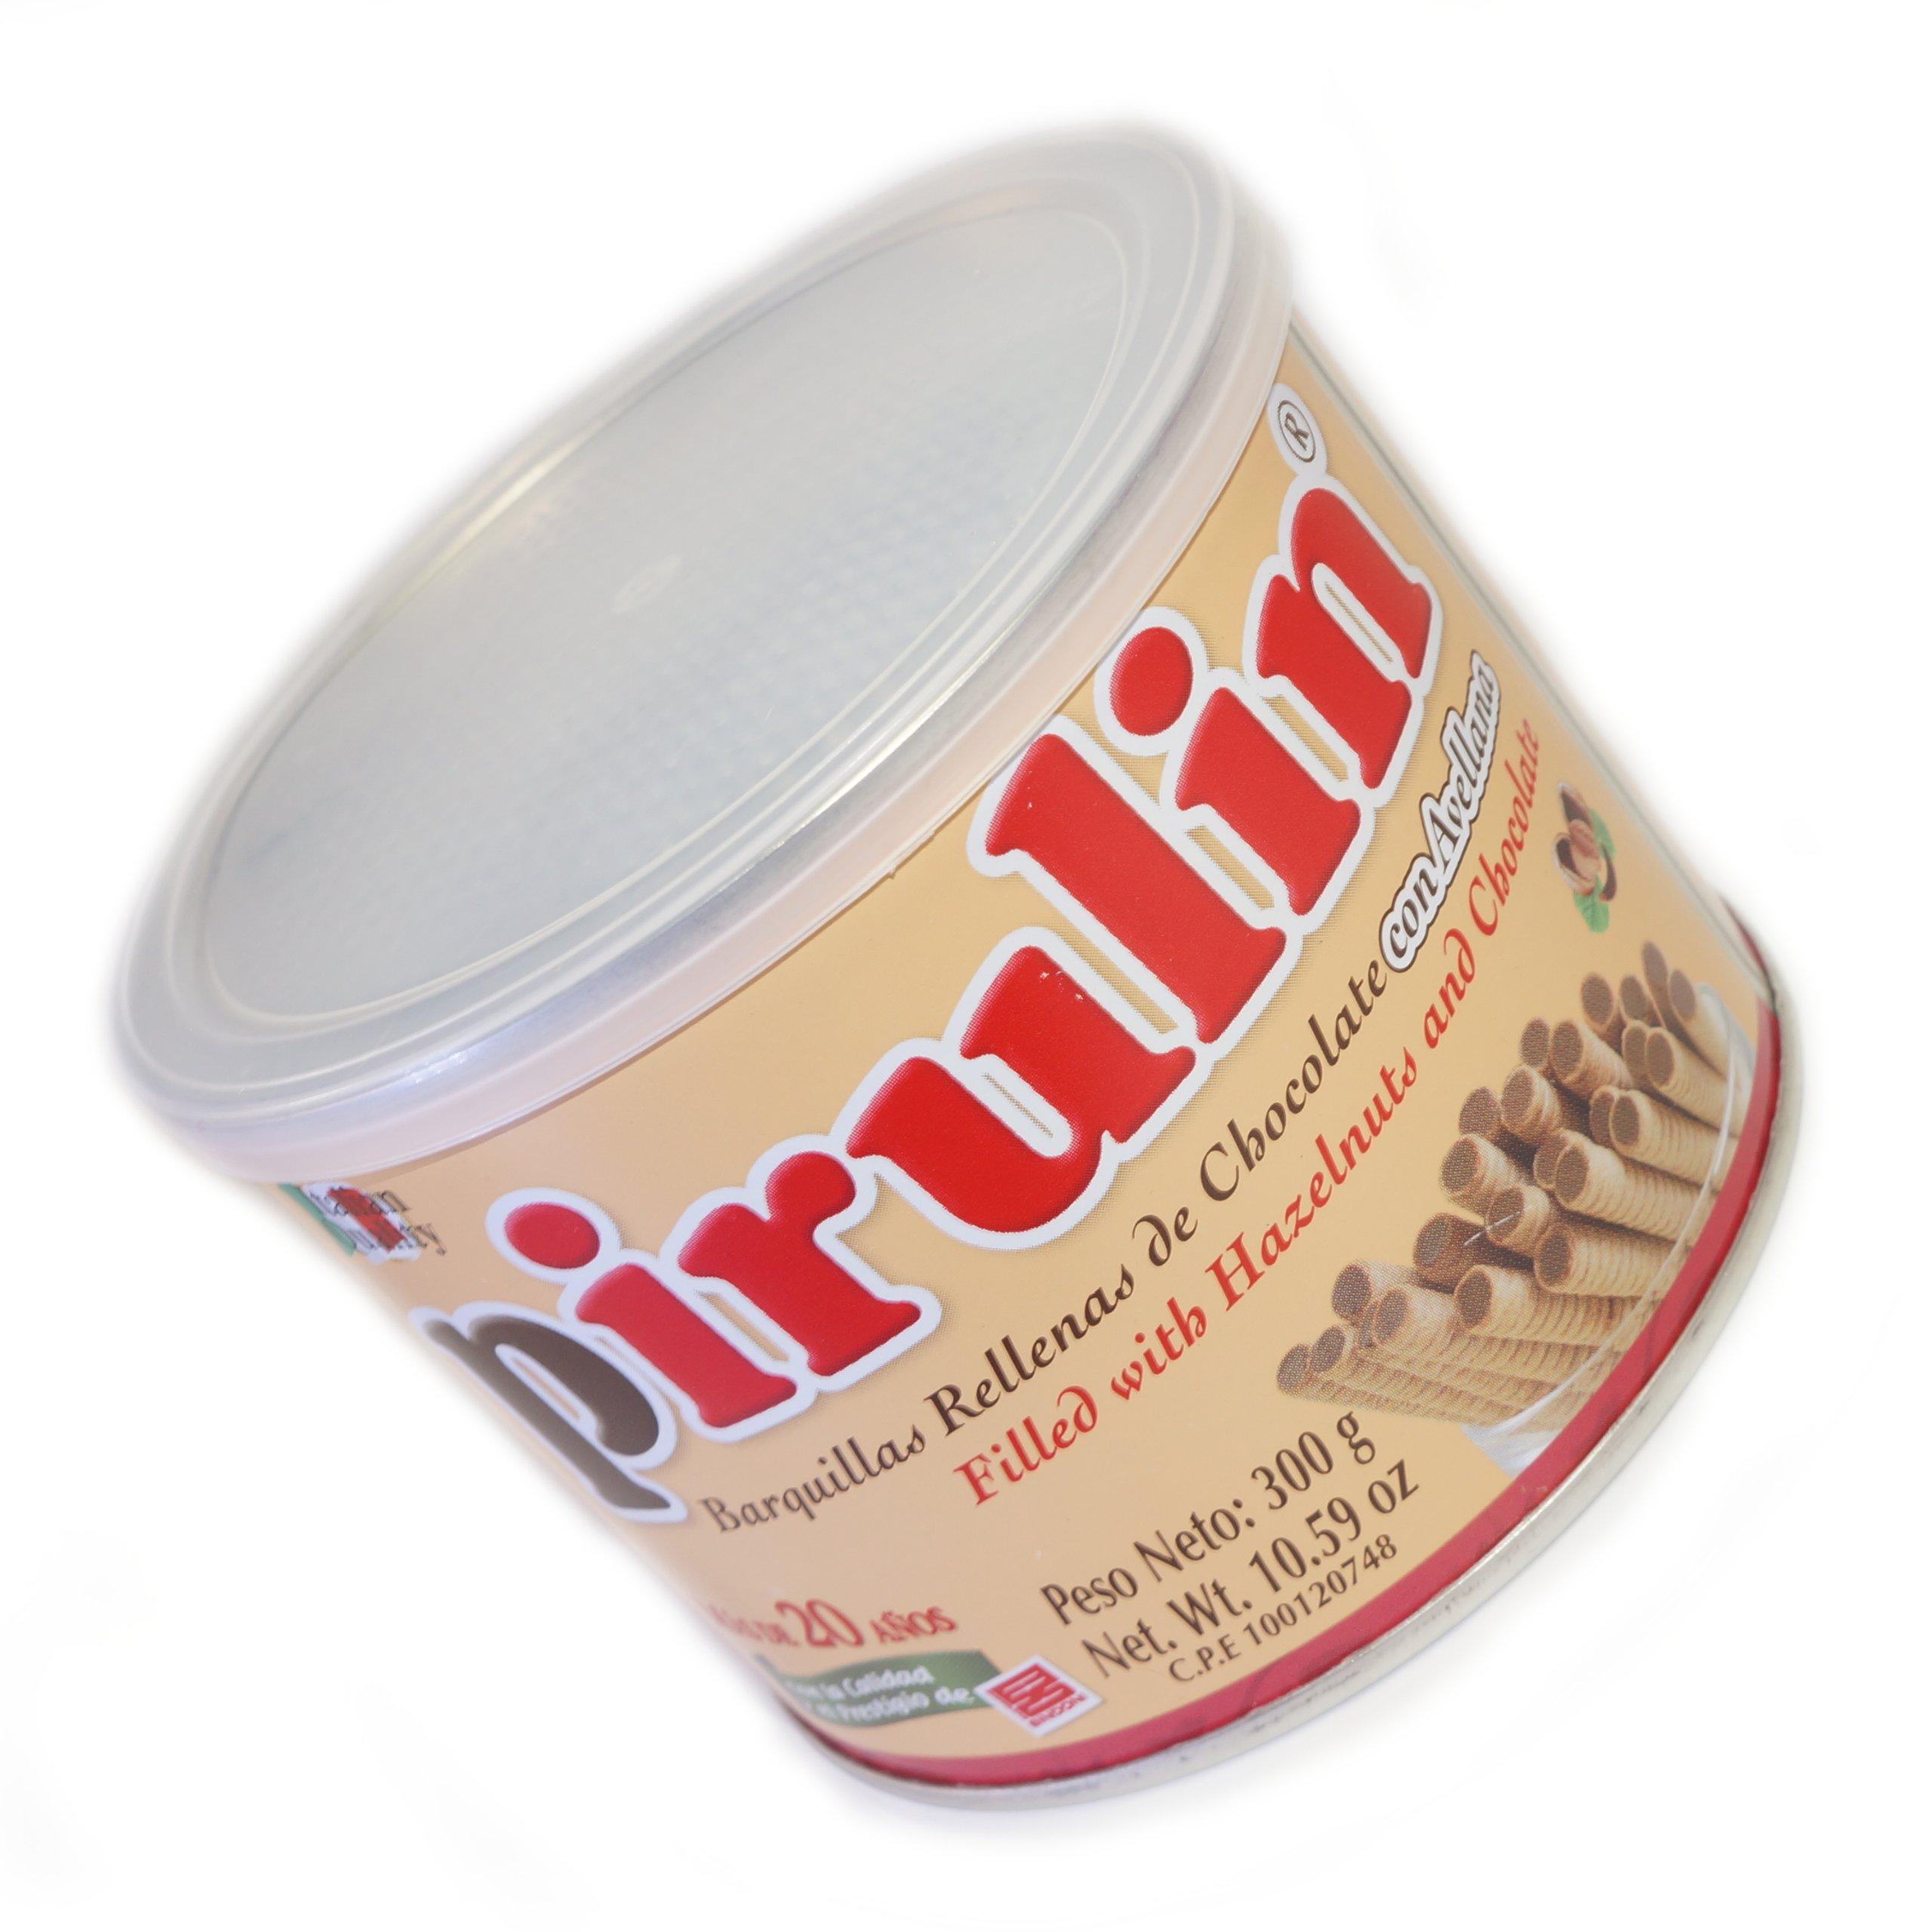 Pirulin (300g) ORIGINAL!